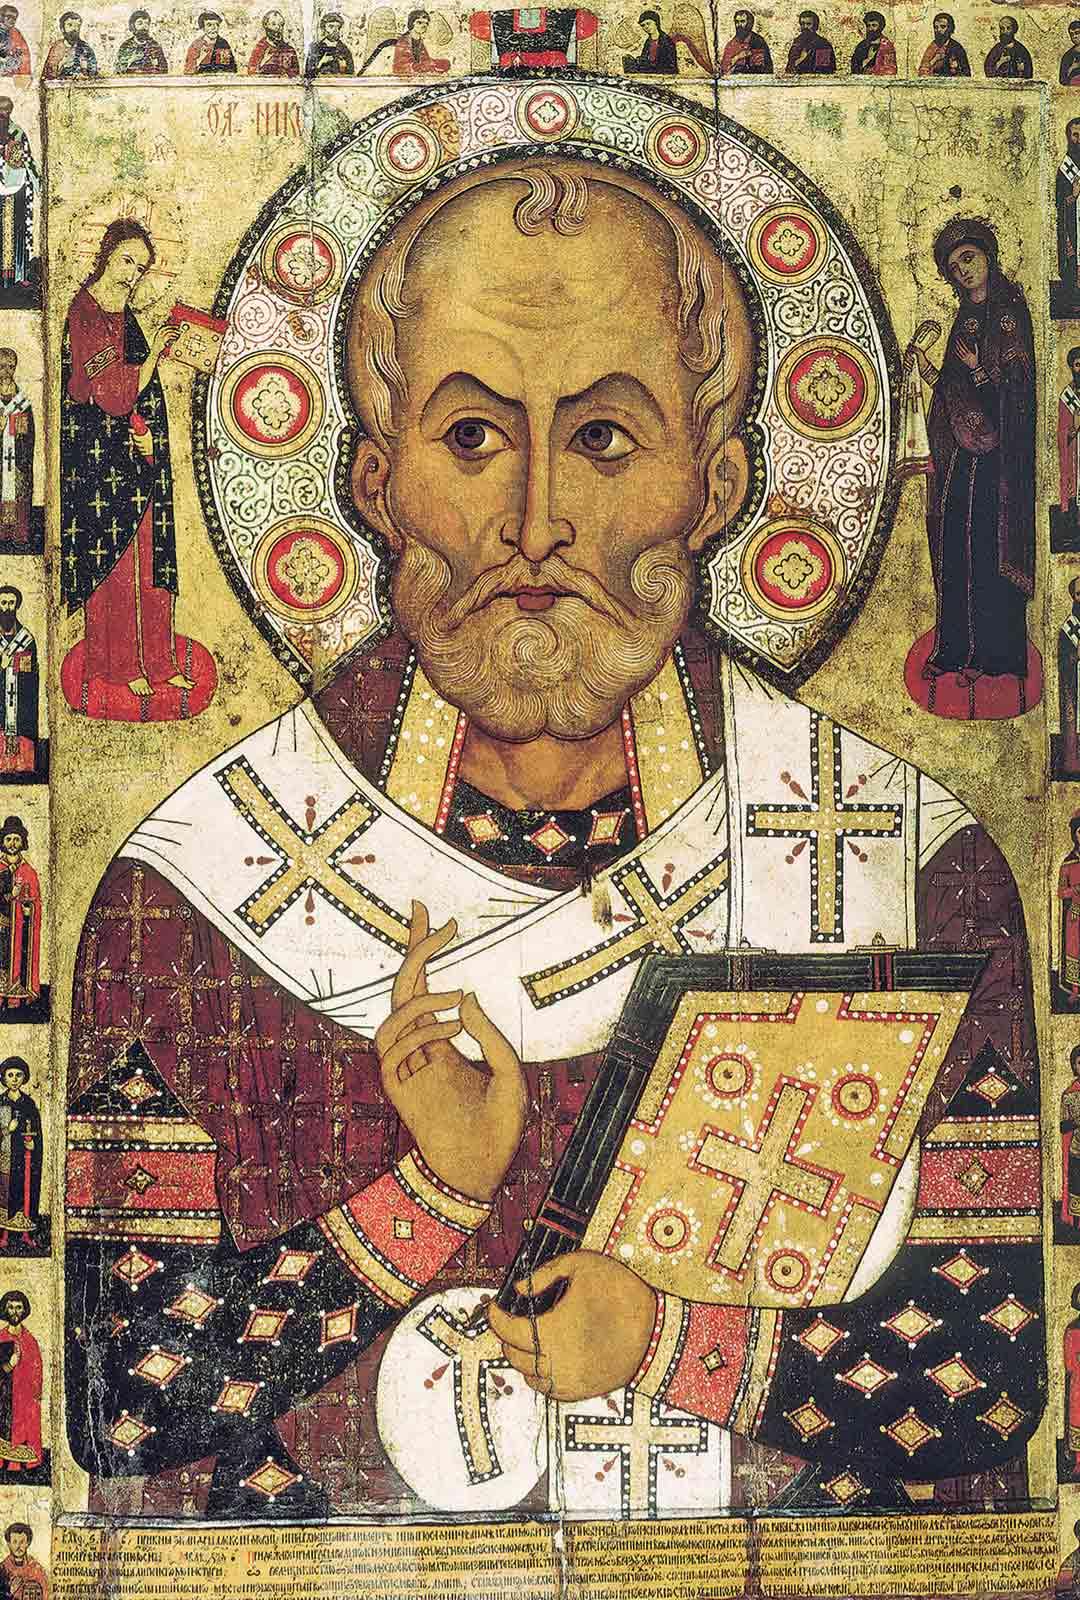 Joulupukin esikuva Nikolaus auttoi ihmisiä hädässä. Pyhä Nikolaus on ortodoksien kunnioitetuin pyhimys Neitsyt Marian jälkeen.